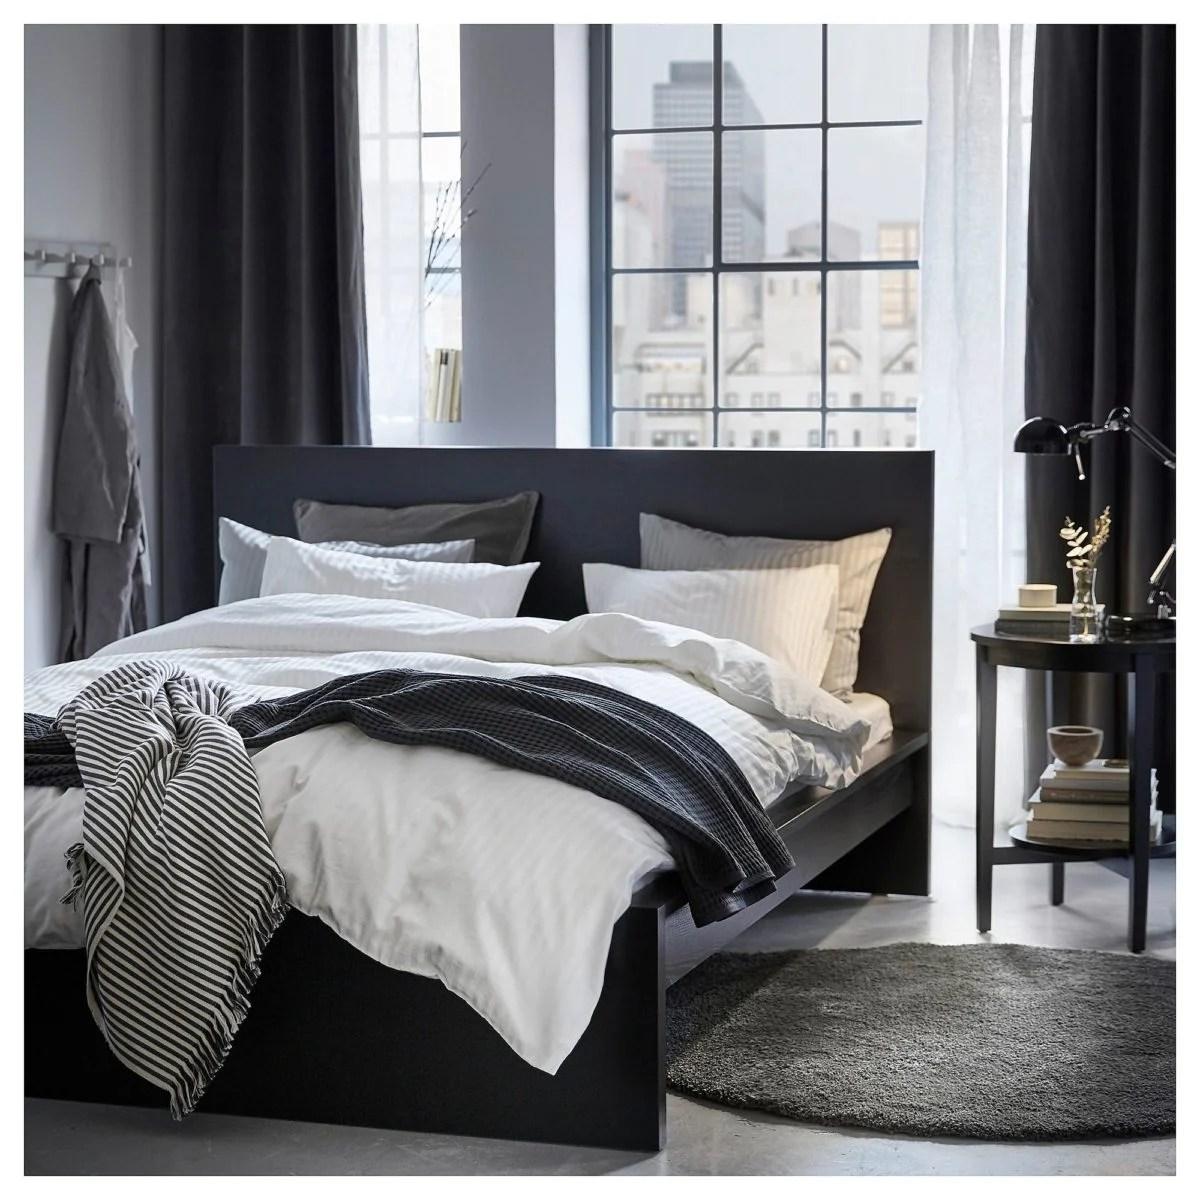 Acquista online casa e cucina da un'ampia selezione di tende a pannello, mantovane, tende a vela e da bistrot e molto altro a piccoli prezzi ogni giorno. Ikea Tende 2021